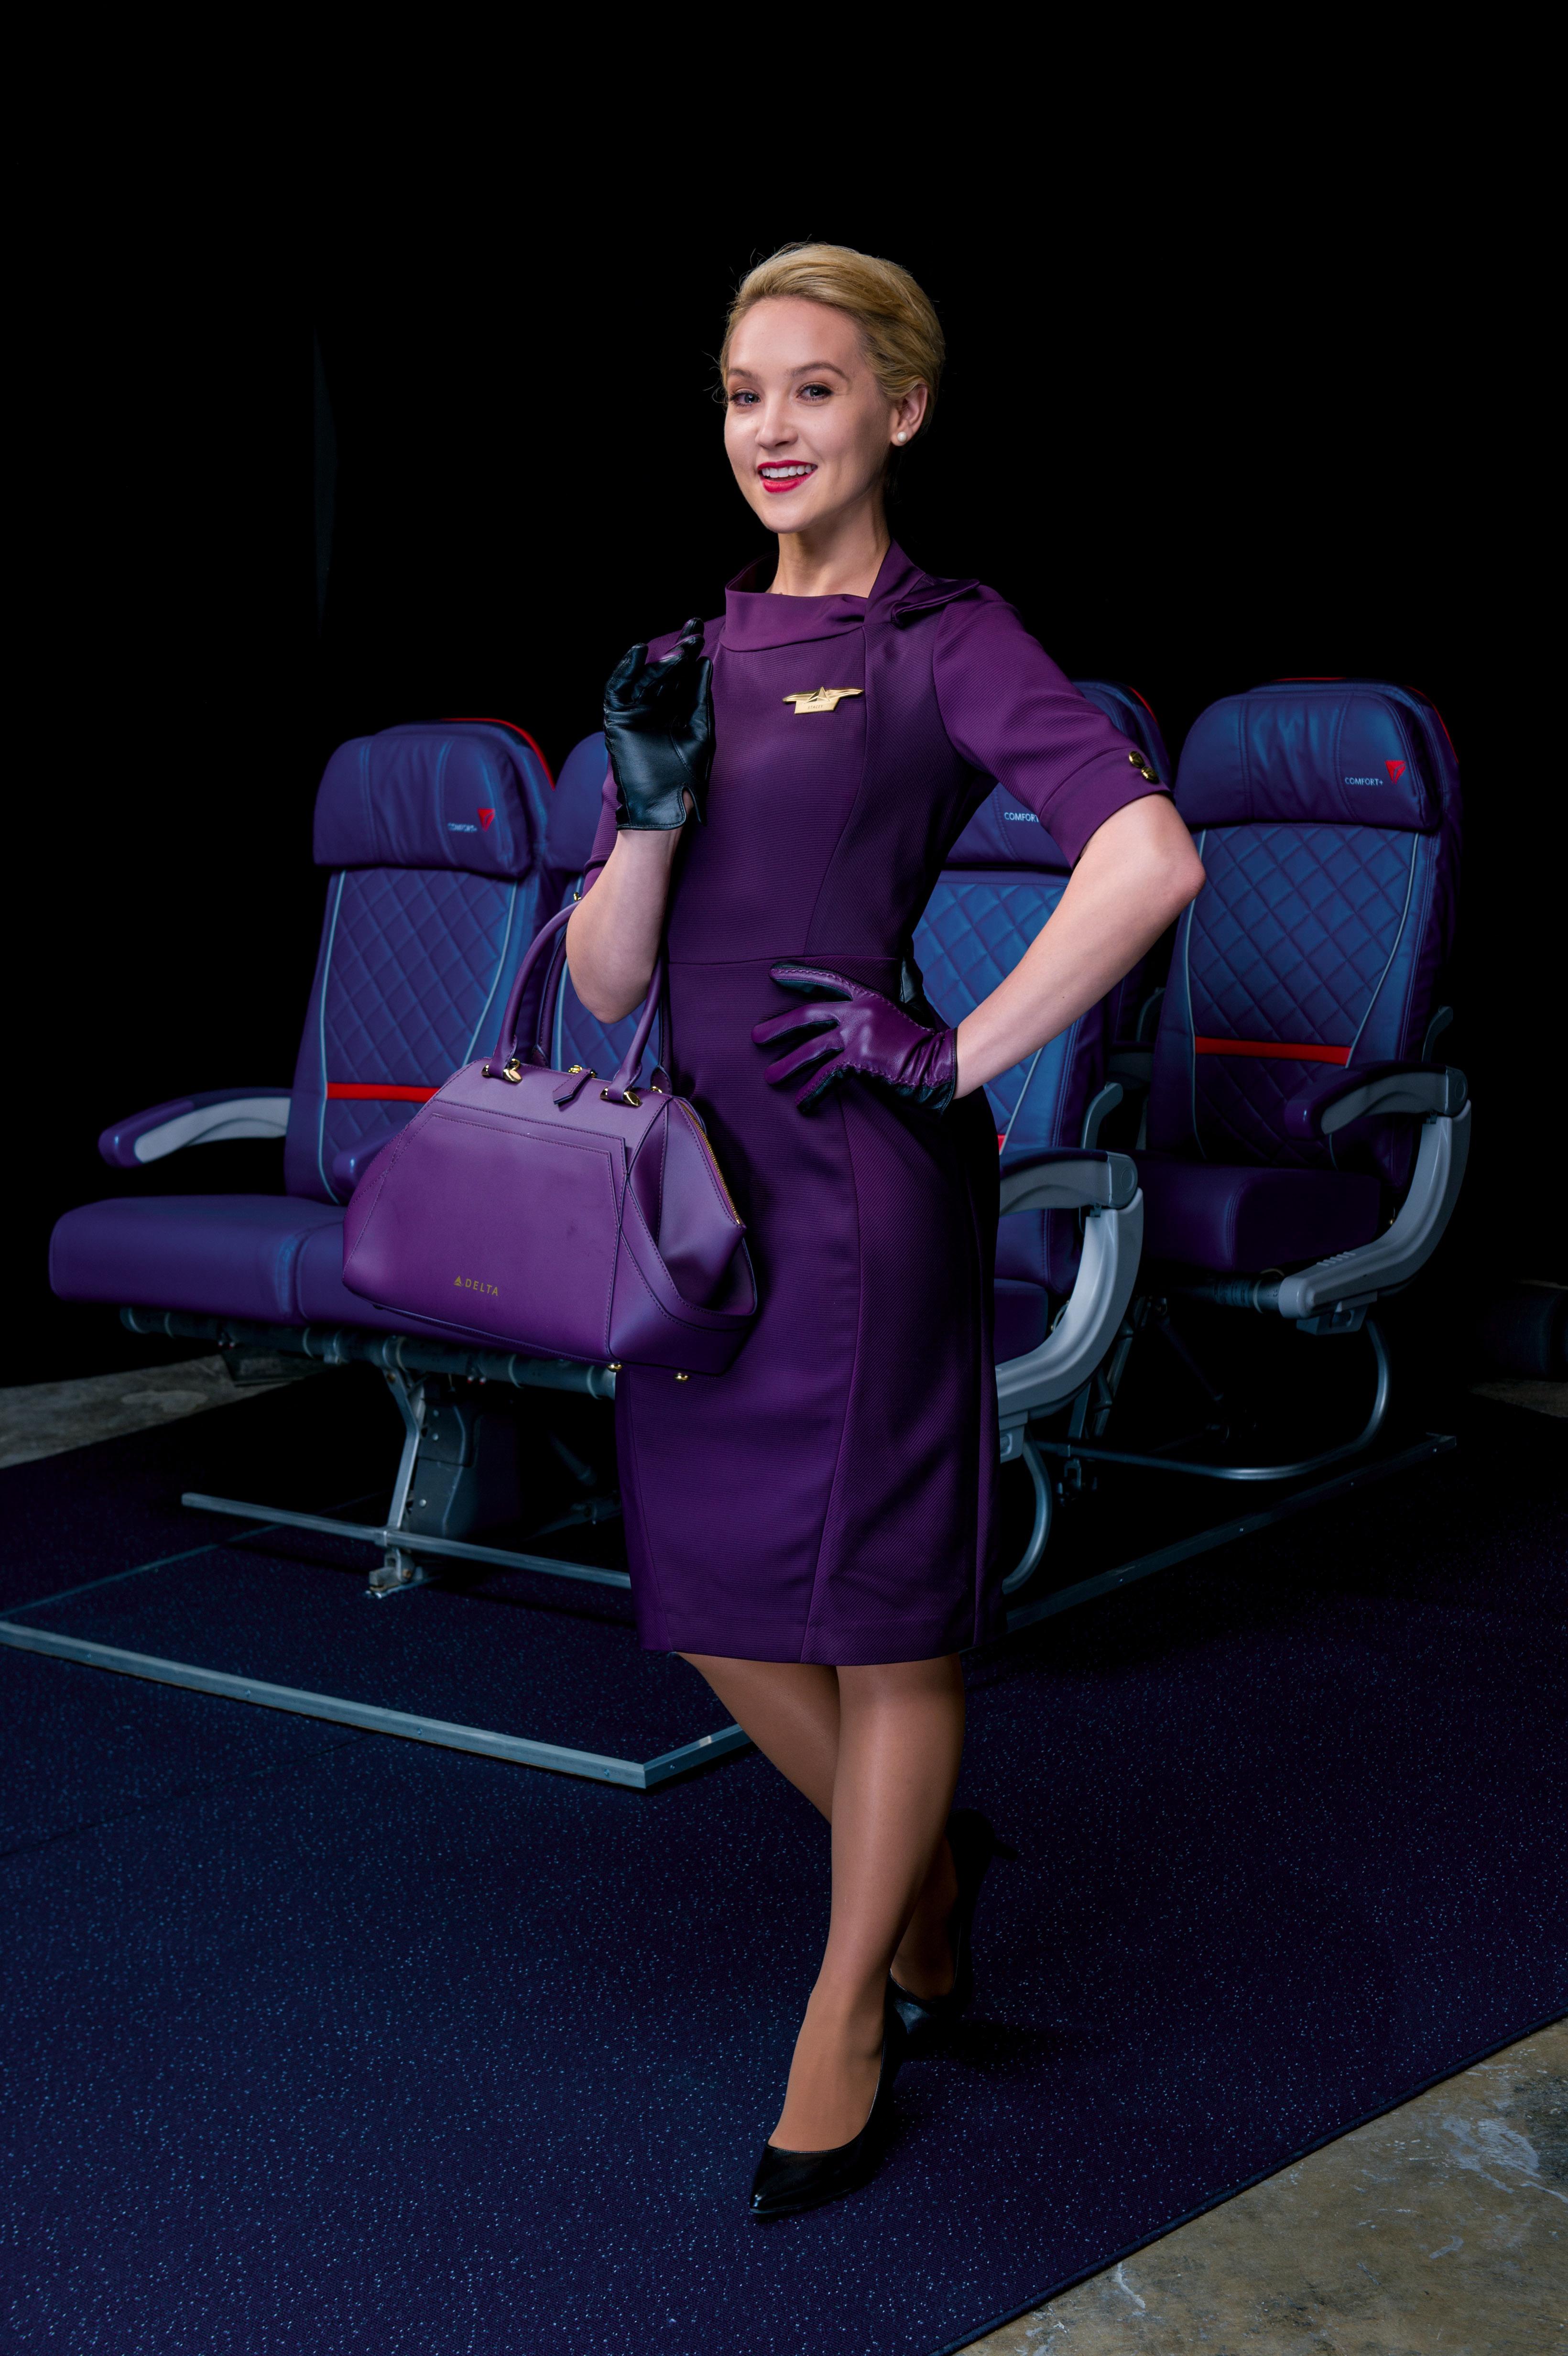 Photo Credit: Delta Airways